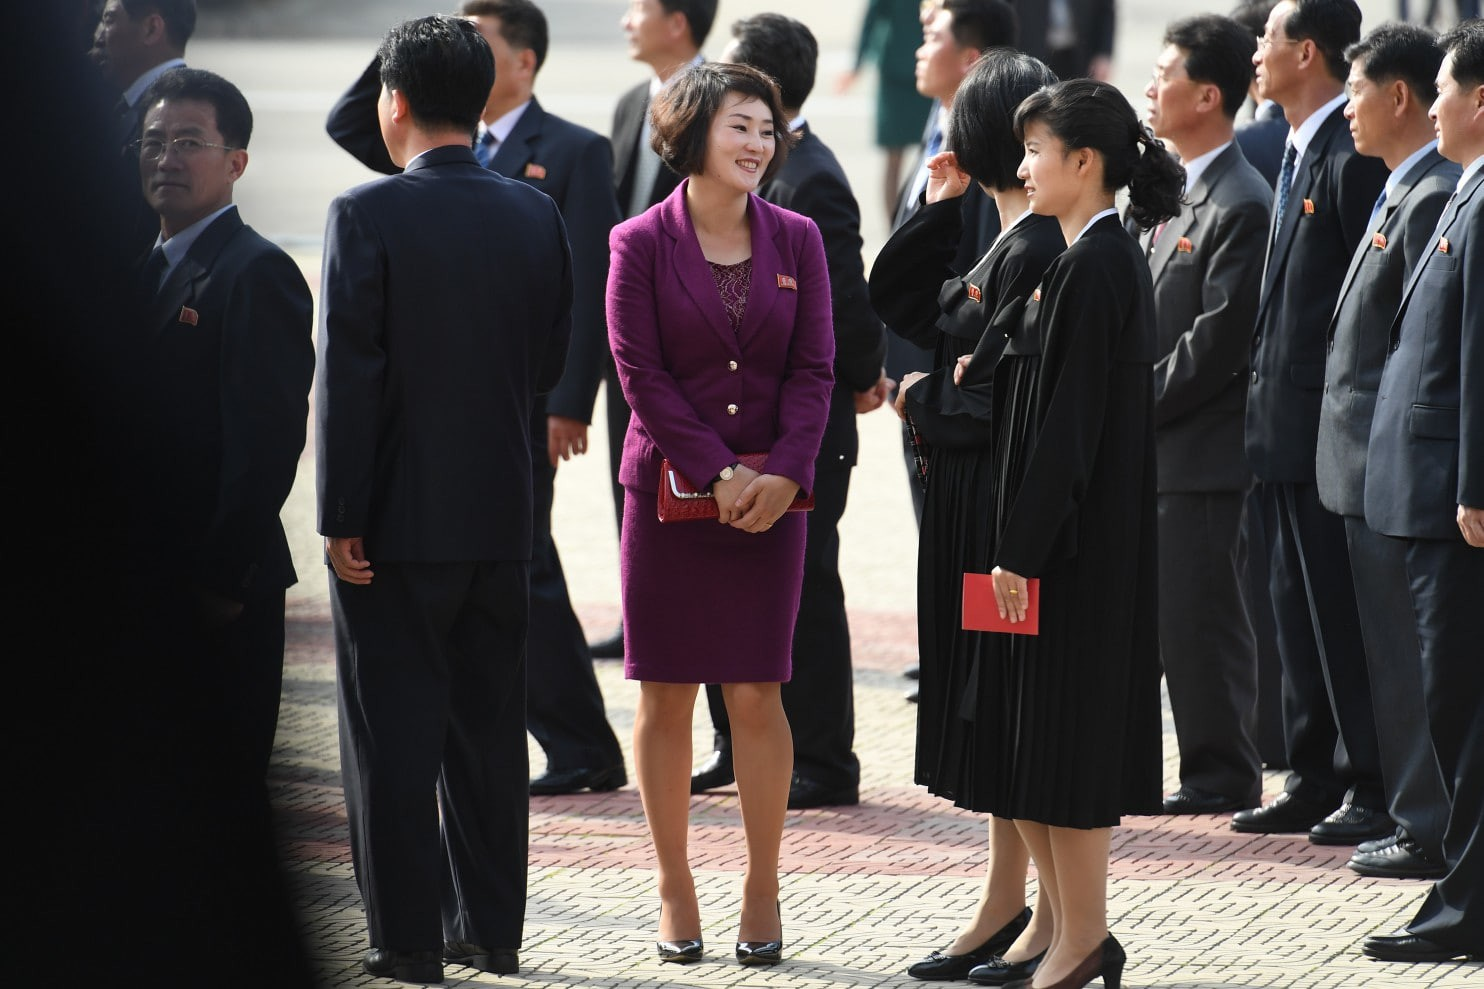 """Hé lộ bí mật những """"chợ trời"""" ở Bình Nhưỡng và cuộc sống chưa từng biết tới tại thủ đô Triều Tiên - Ảnh 6."""